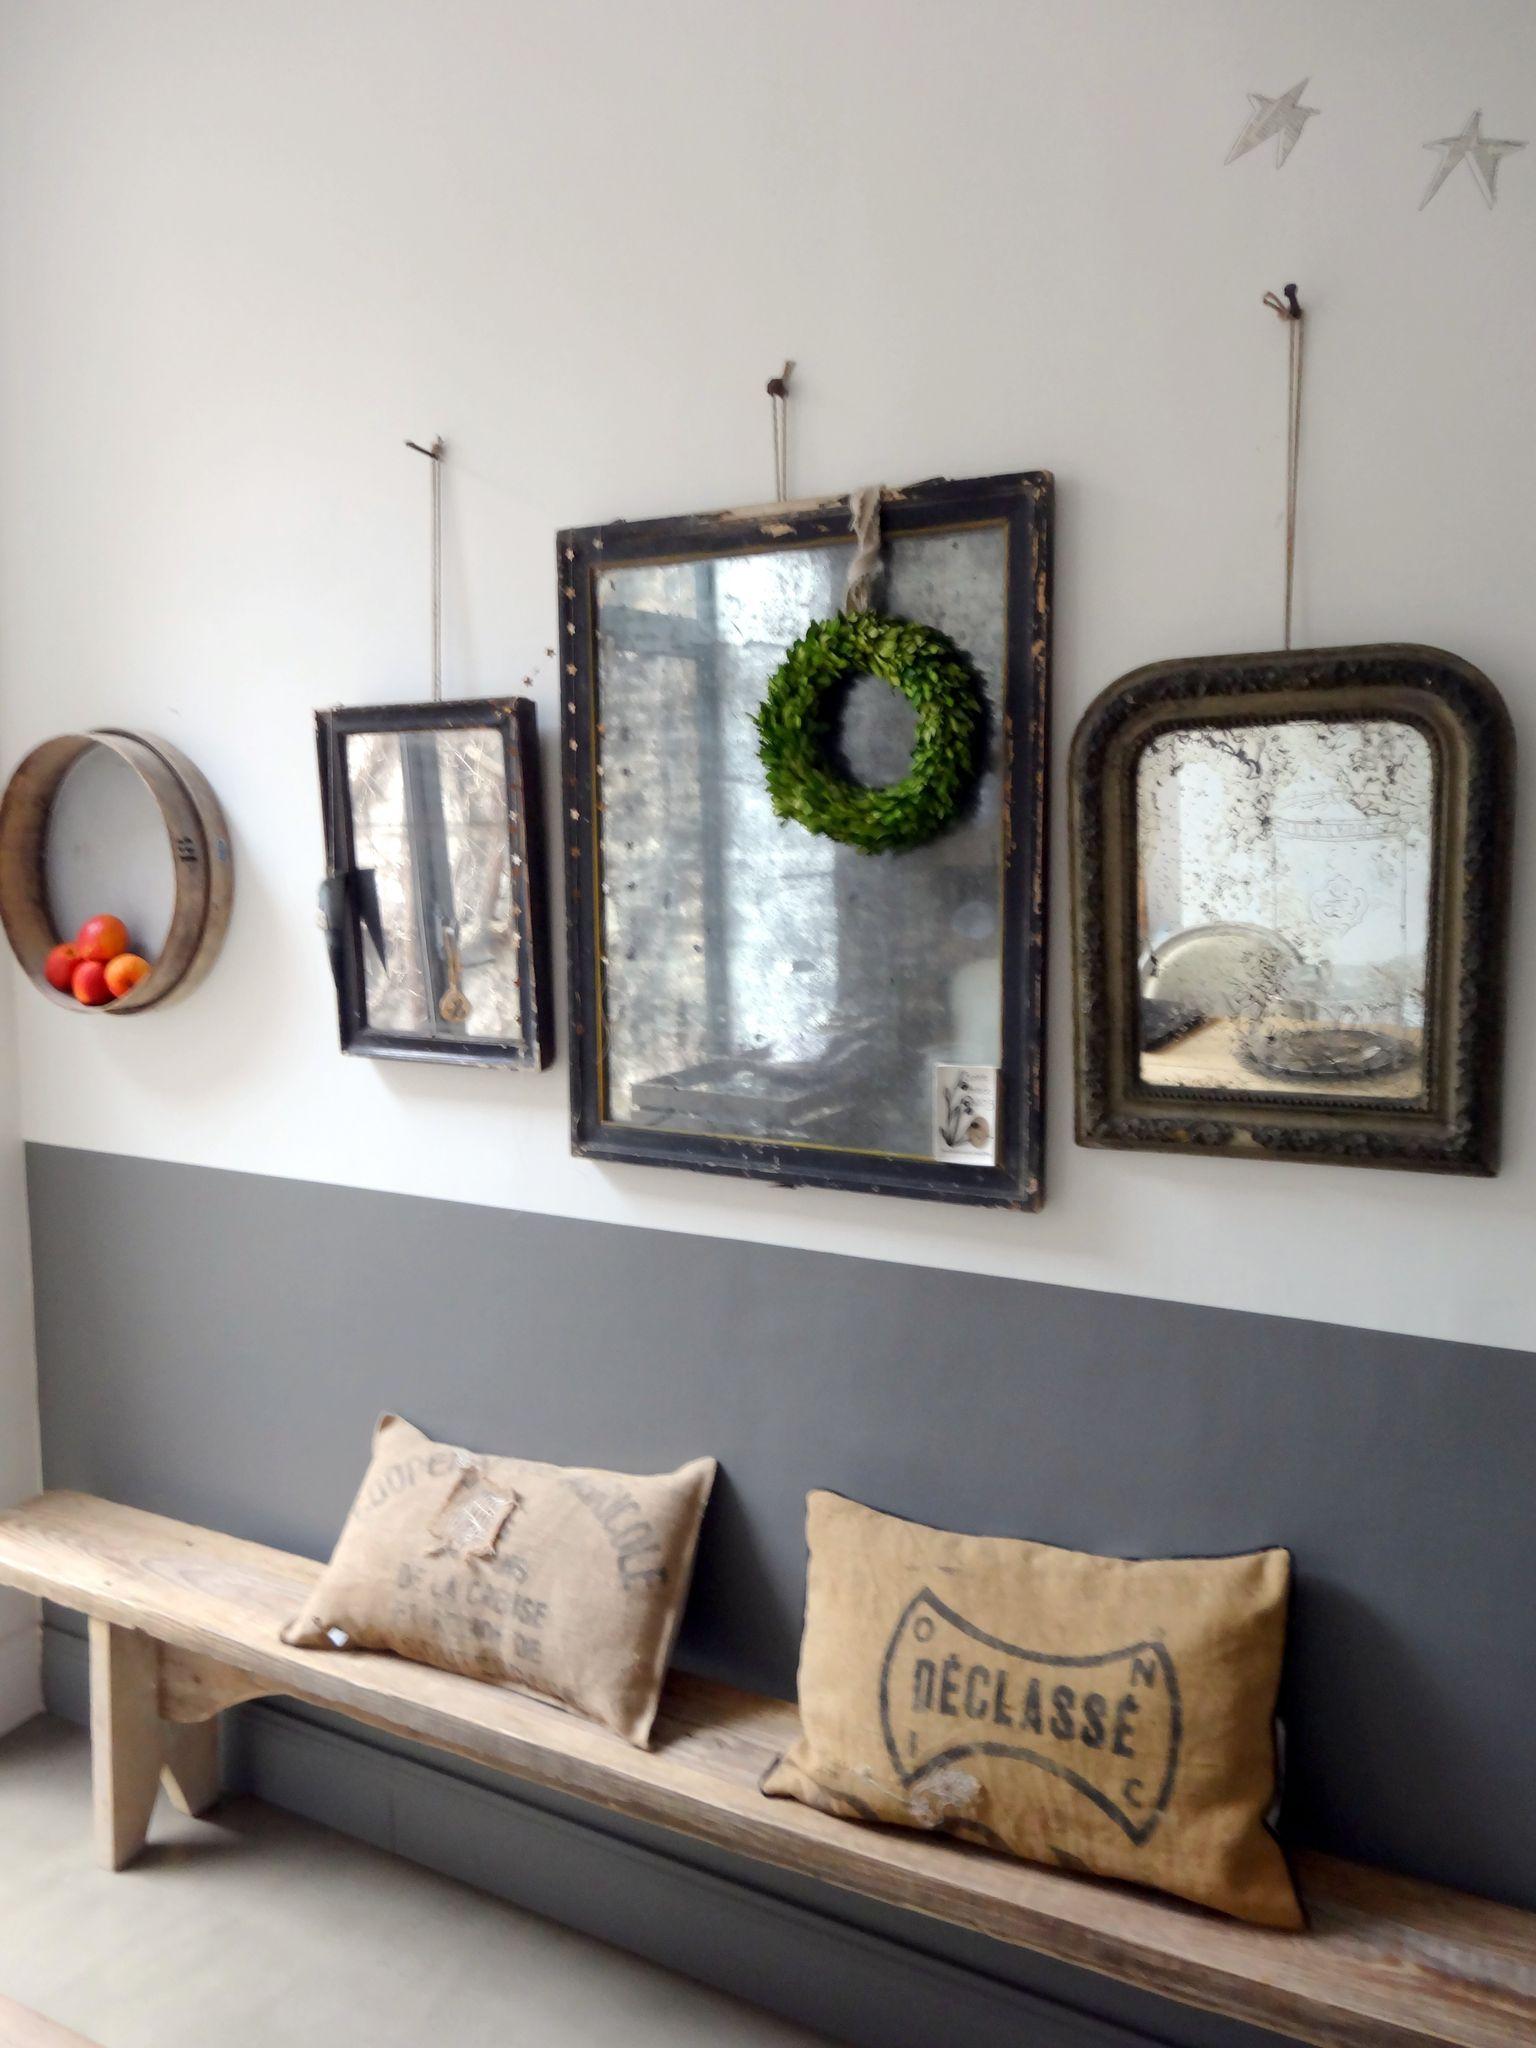 couleur mur et banc pour le couloir | déco palier | Pinterest ...